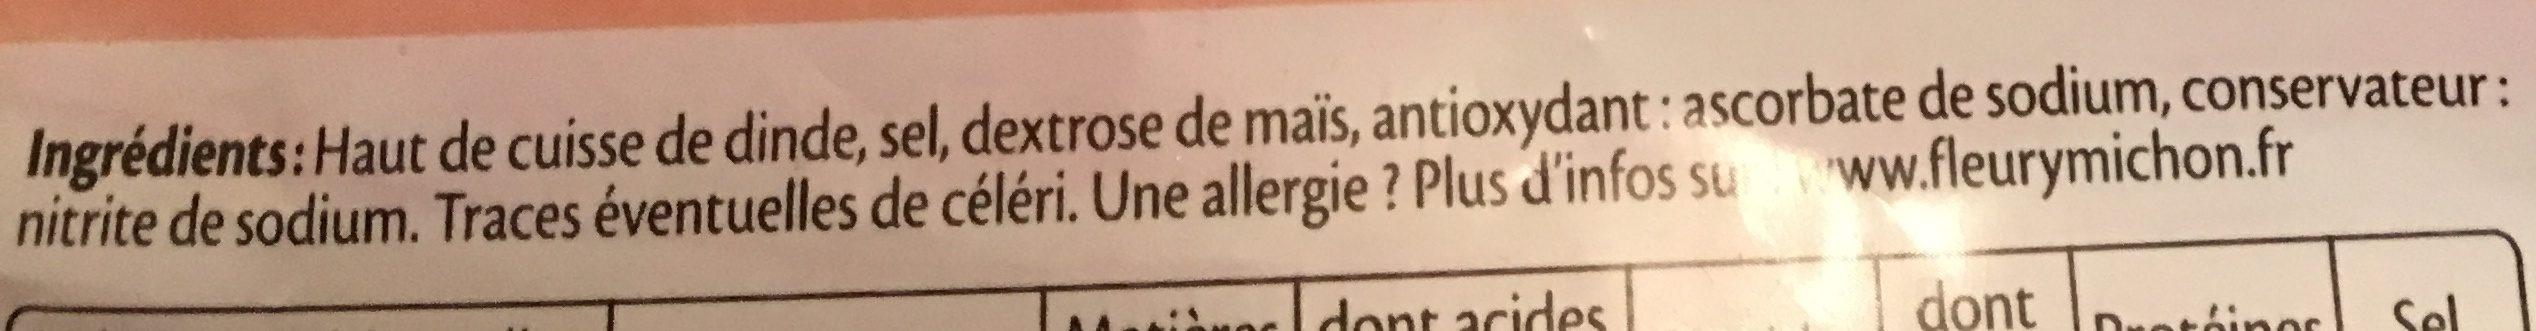 Jambon de dinde Halal - 10 tr. - Ingrédients - fr